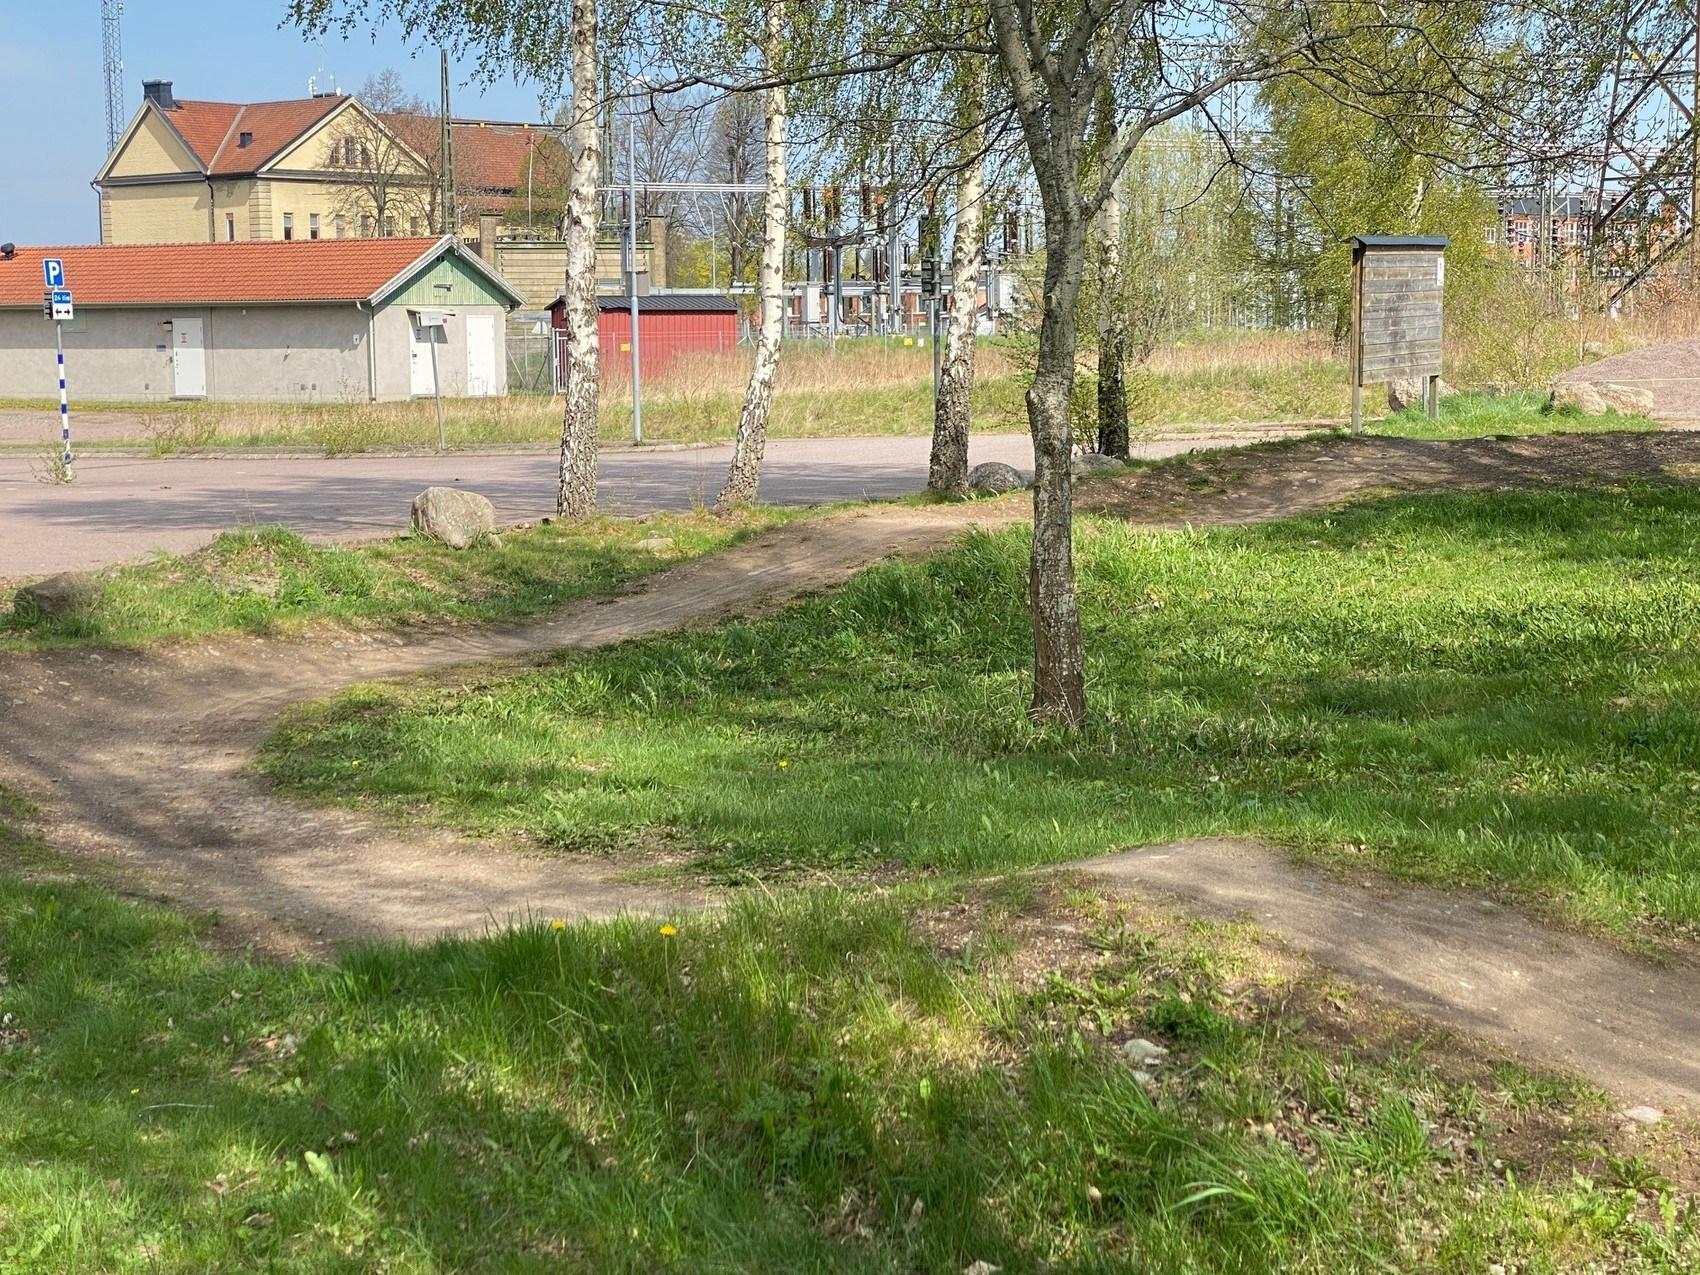 Slingrande cykelstig över gräsmatta.